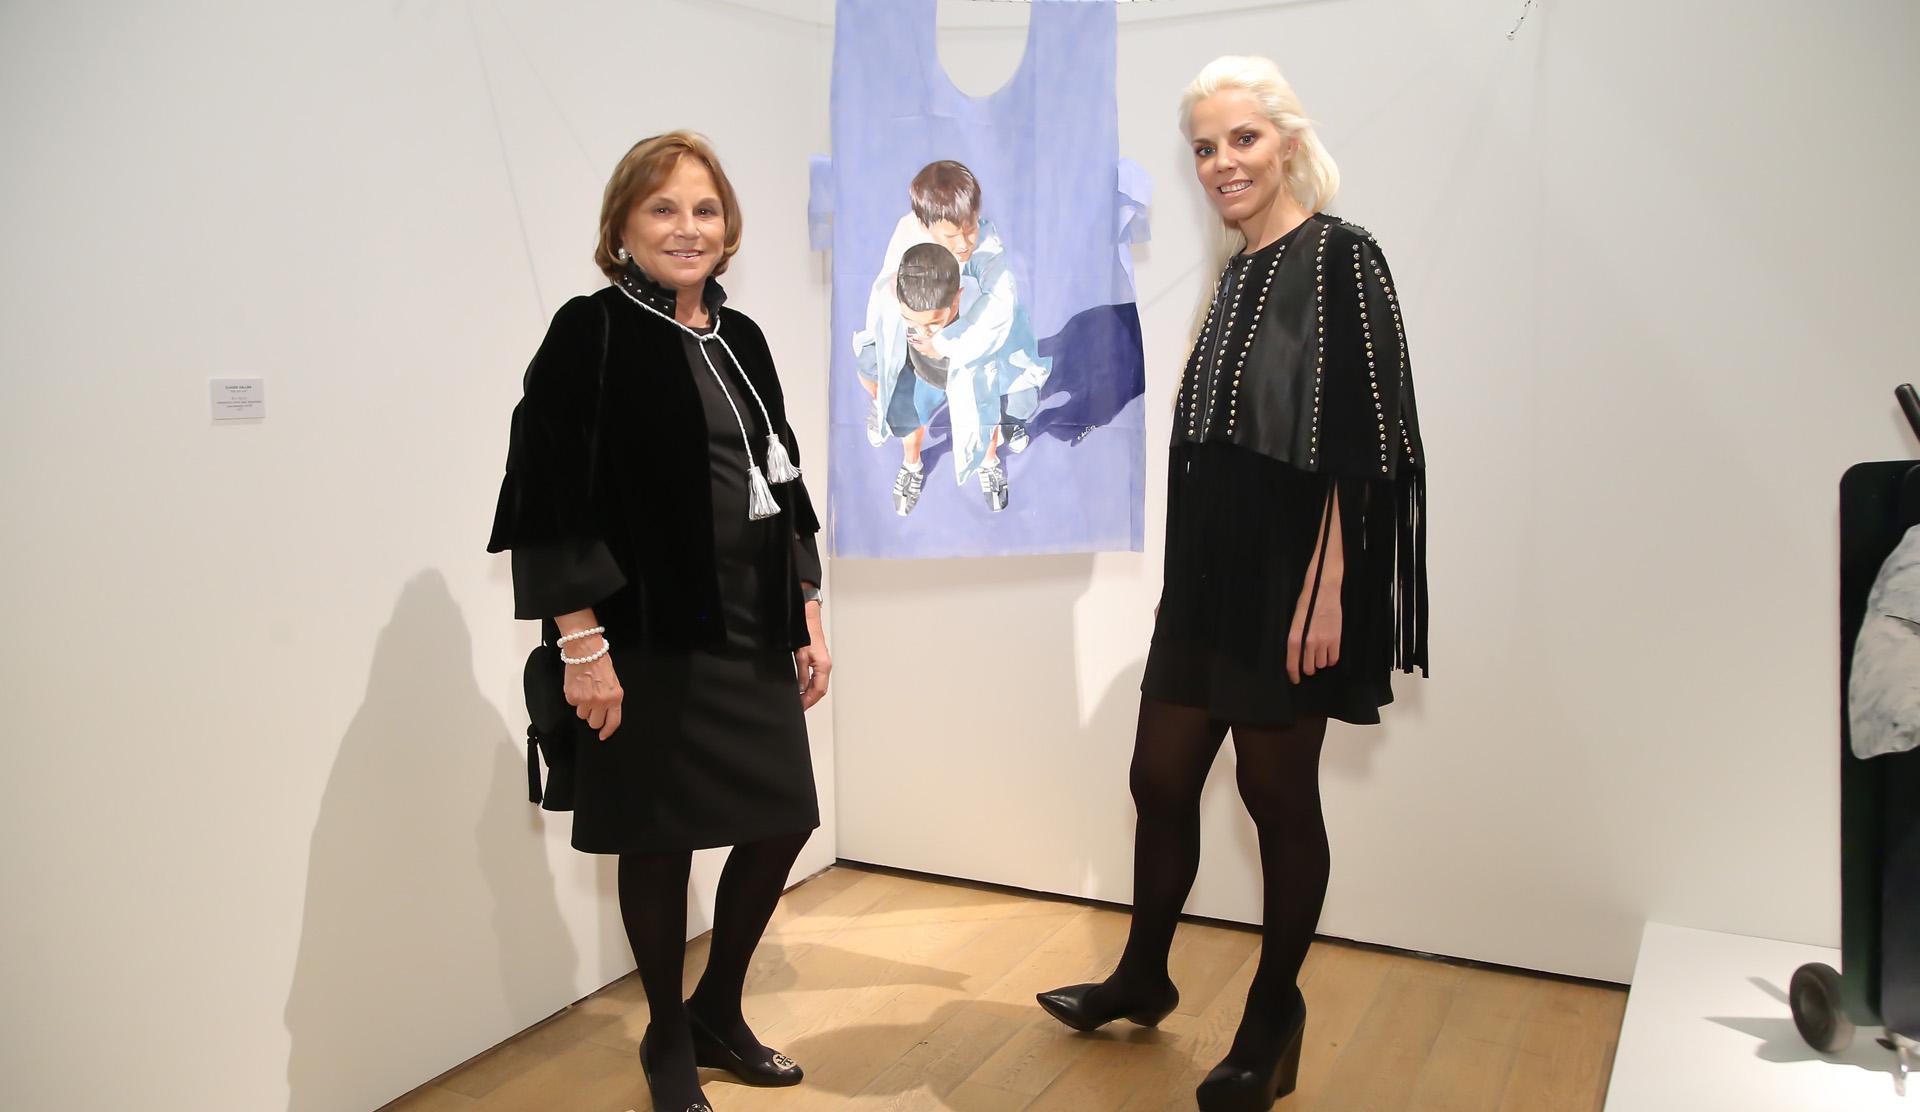 Eugenia Cerdá de Rossi y Agustina Rossi, presidente y directora de Fundación Rossi respectivamente, junto a la obra de Claudio Gallina, que propone que las batas azules descartables salgan del gabinete y entren en un museo